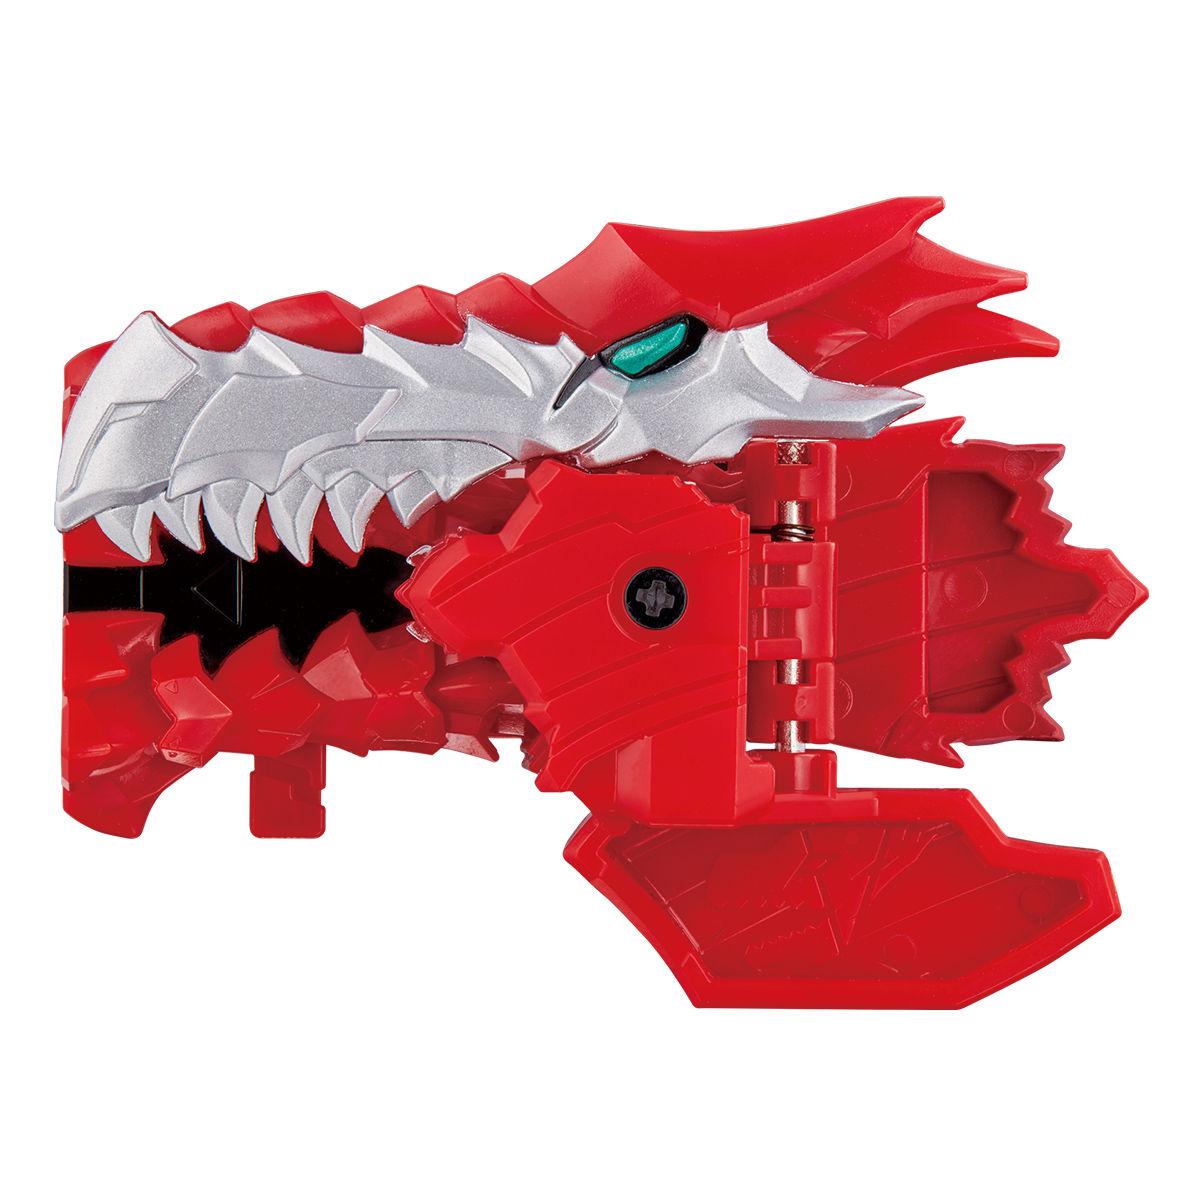 リュウソウジャー最強竜装セット-DXリュウソウケン&リュウソウチェンジャー-